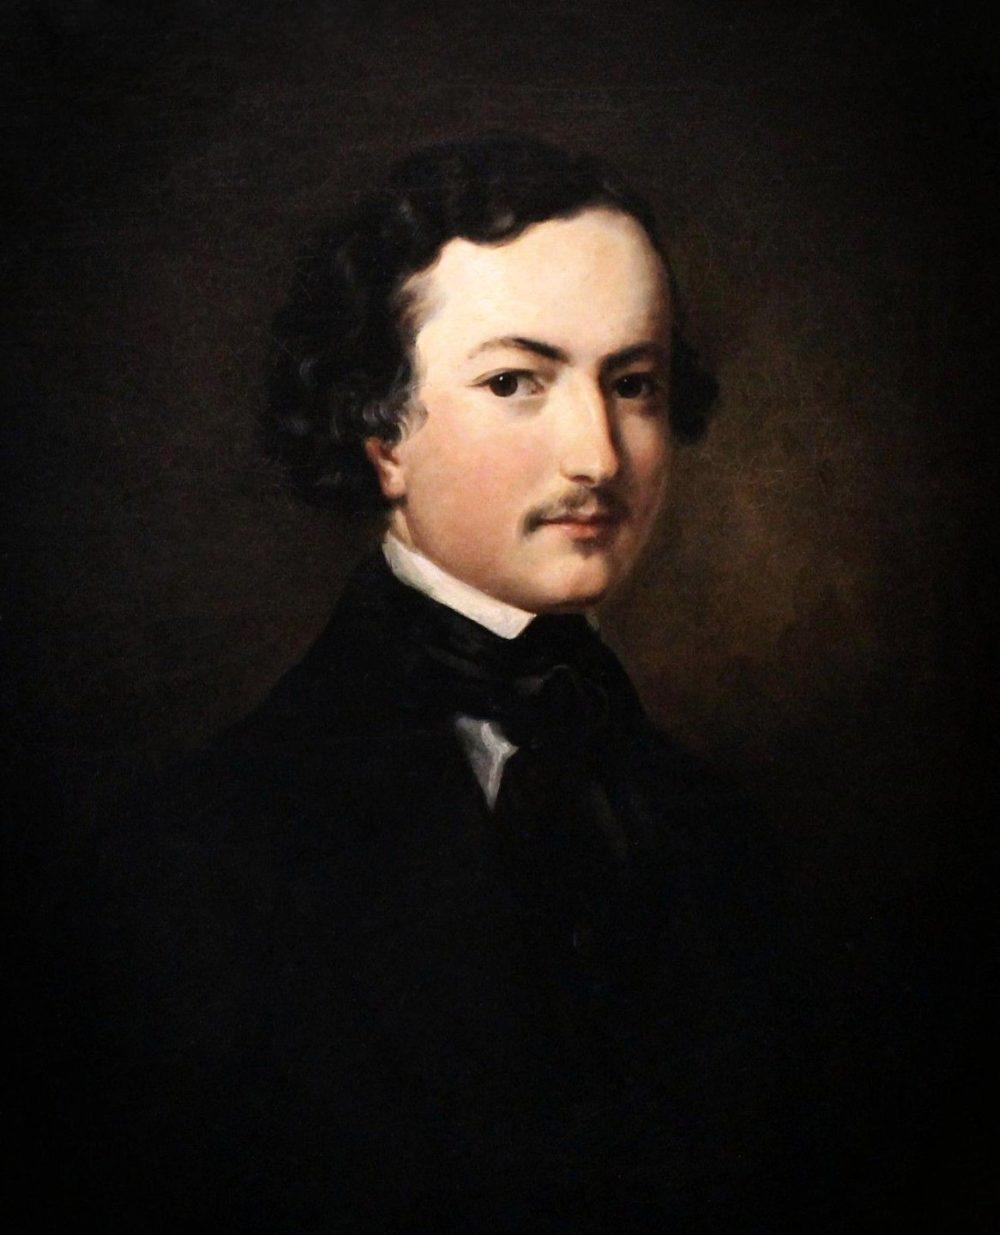 Antique-fine-art-oil-painting-portrait-full-2-720x2-200